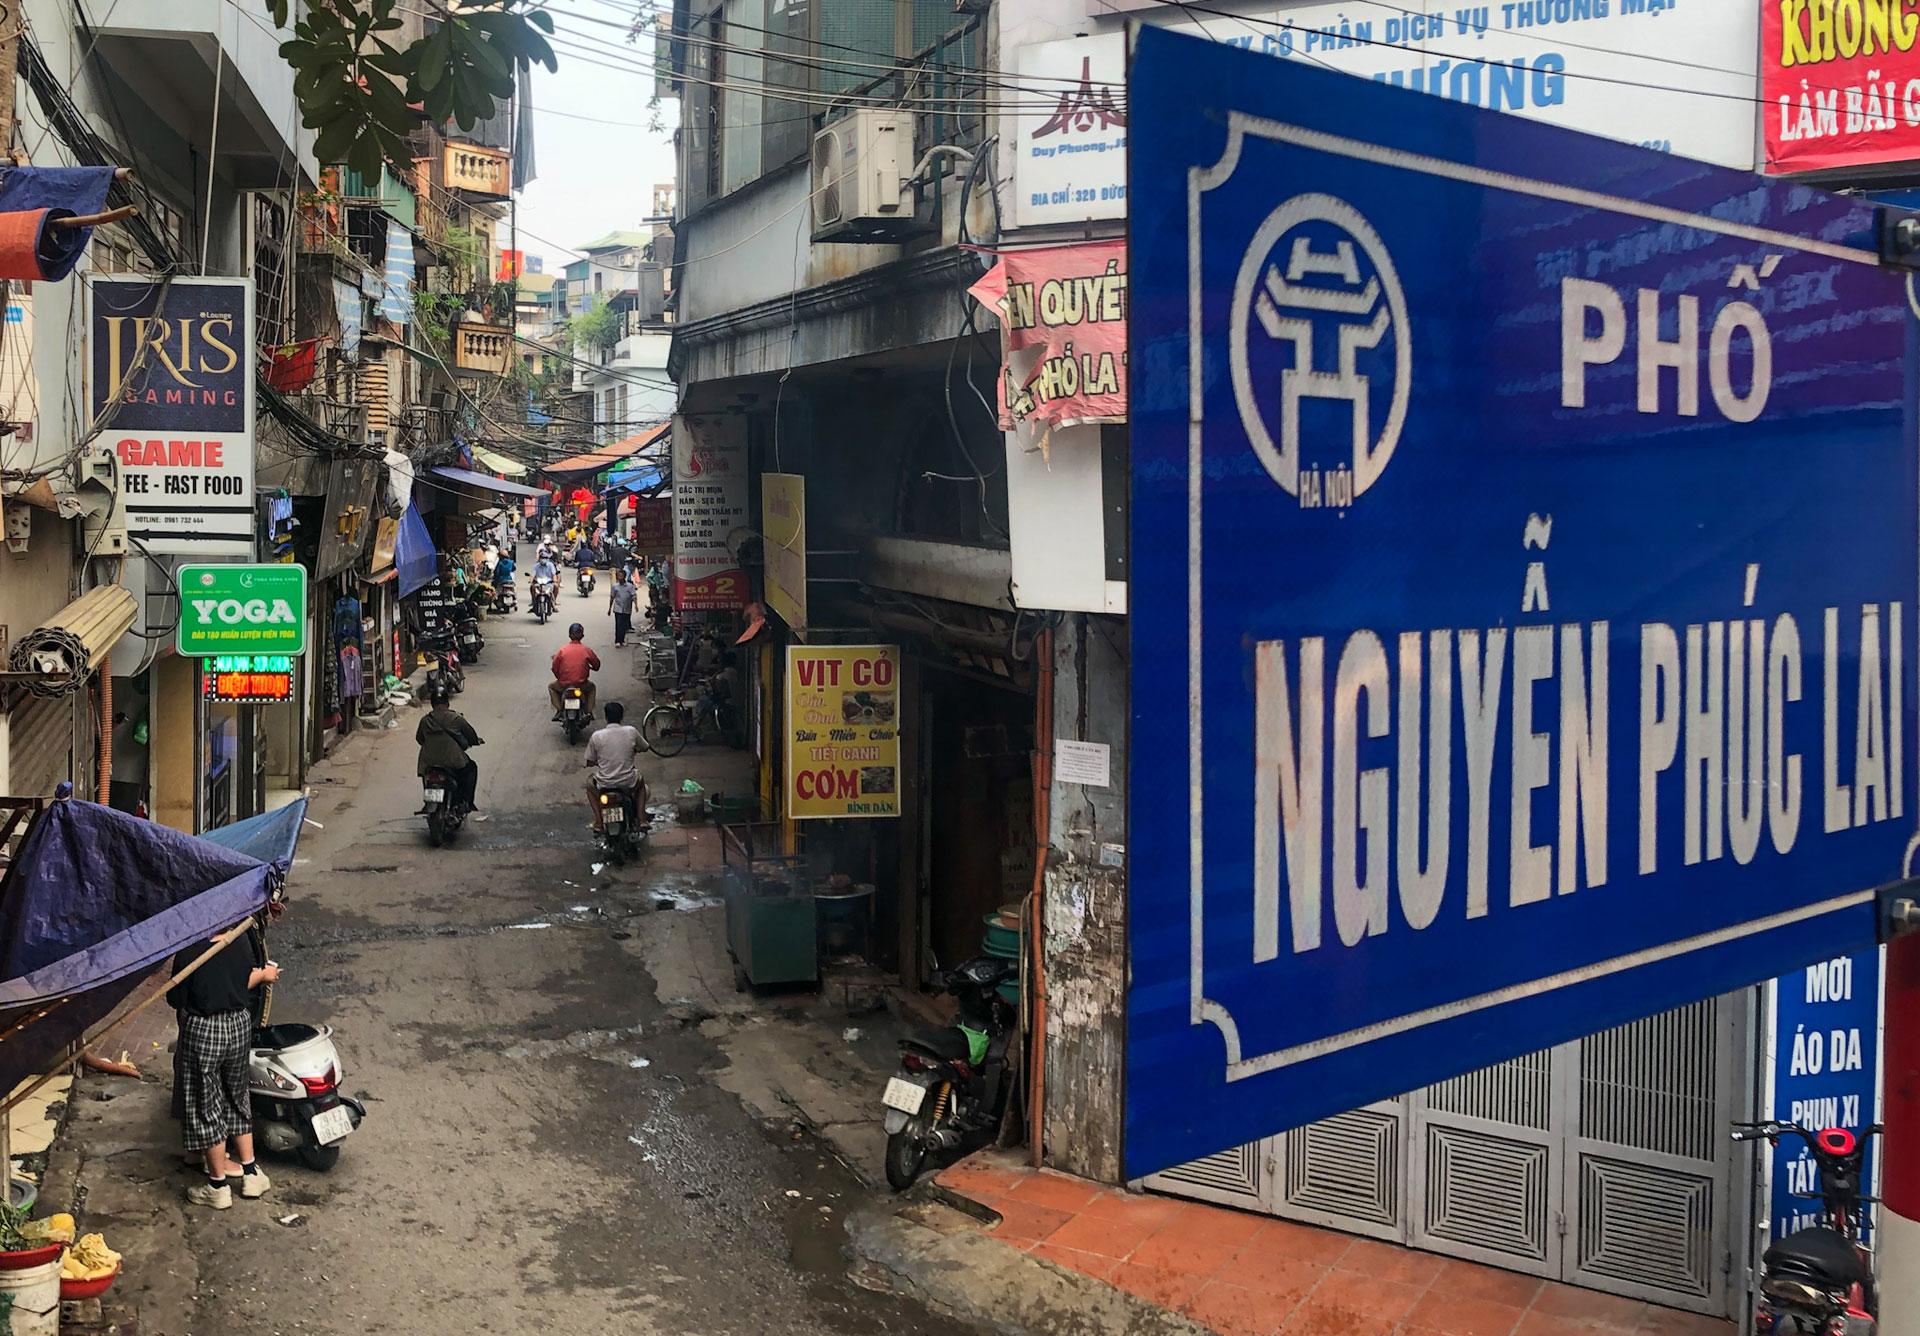 Hà Nội giải tỏa chợ cóc: Nơi nghiêm túc, chỗ lơ là -0